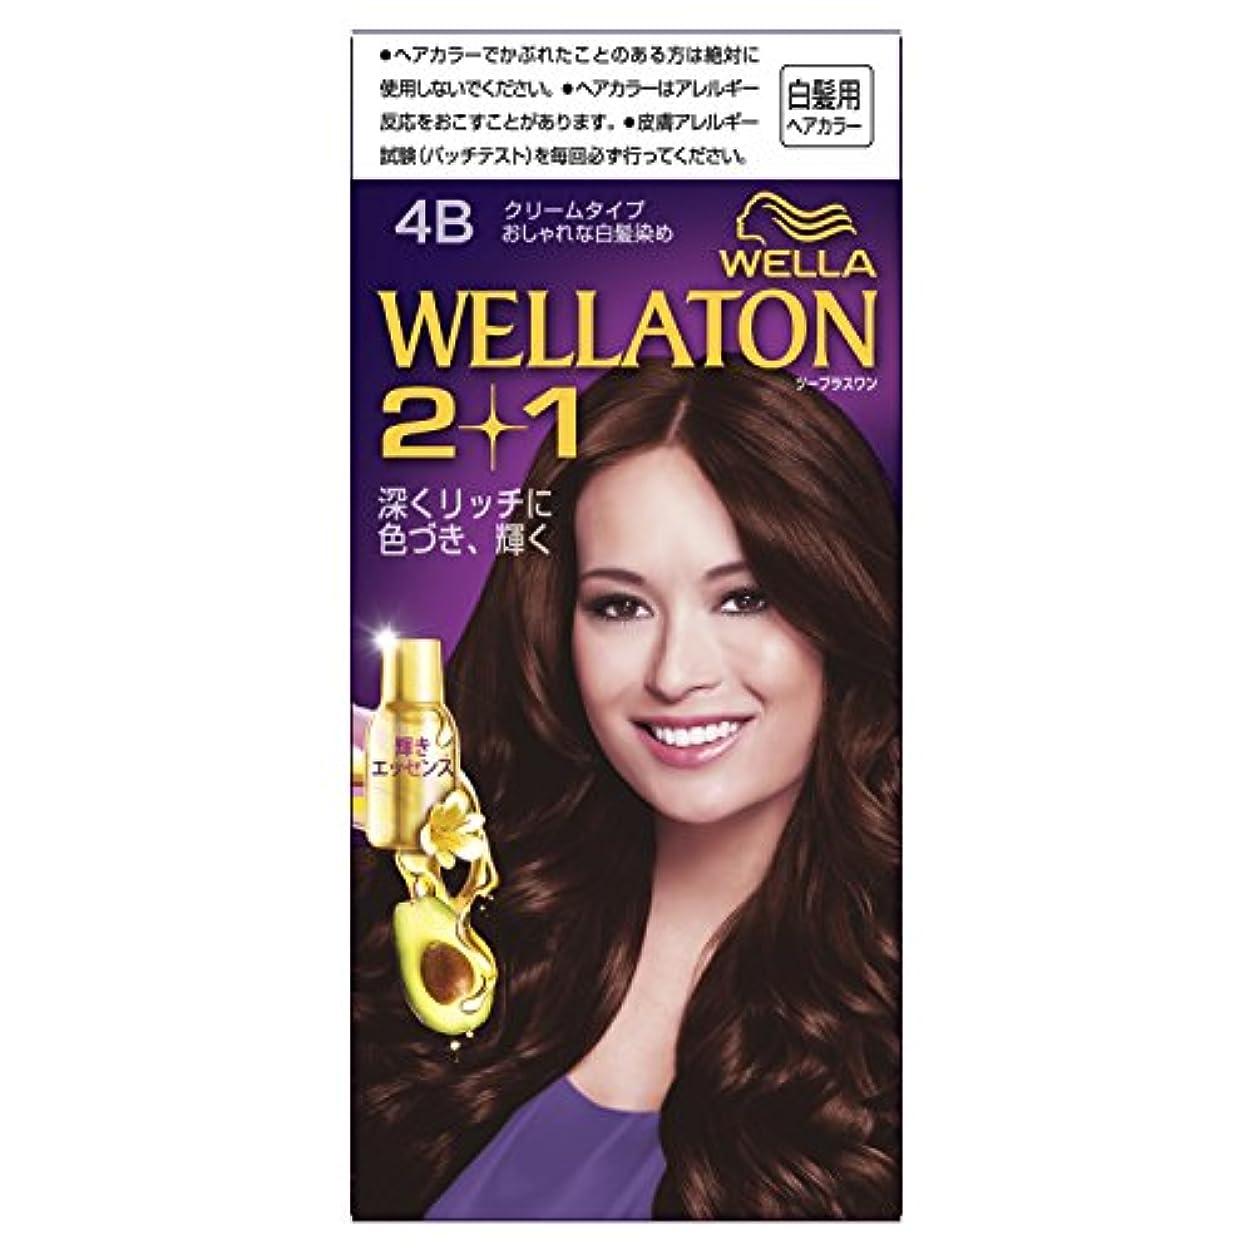 または安価なウルルウエラトーン2+1 クリームタイプ 4B [医薬部外品](おしゃれな白髪染め)